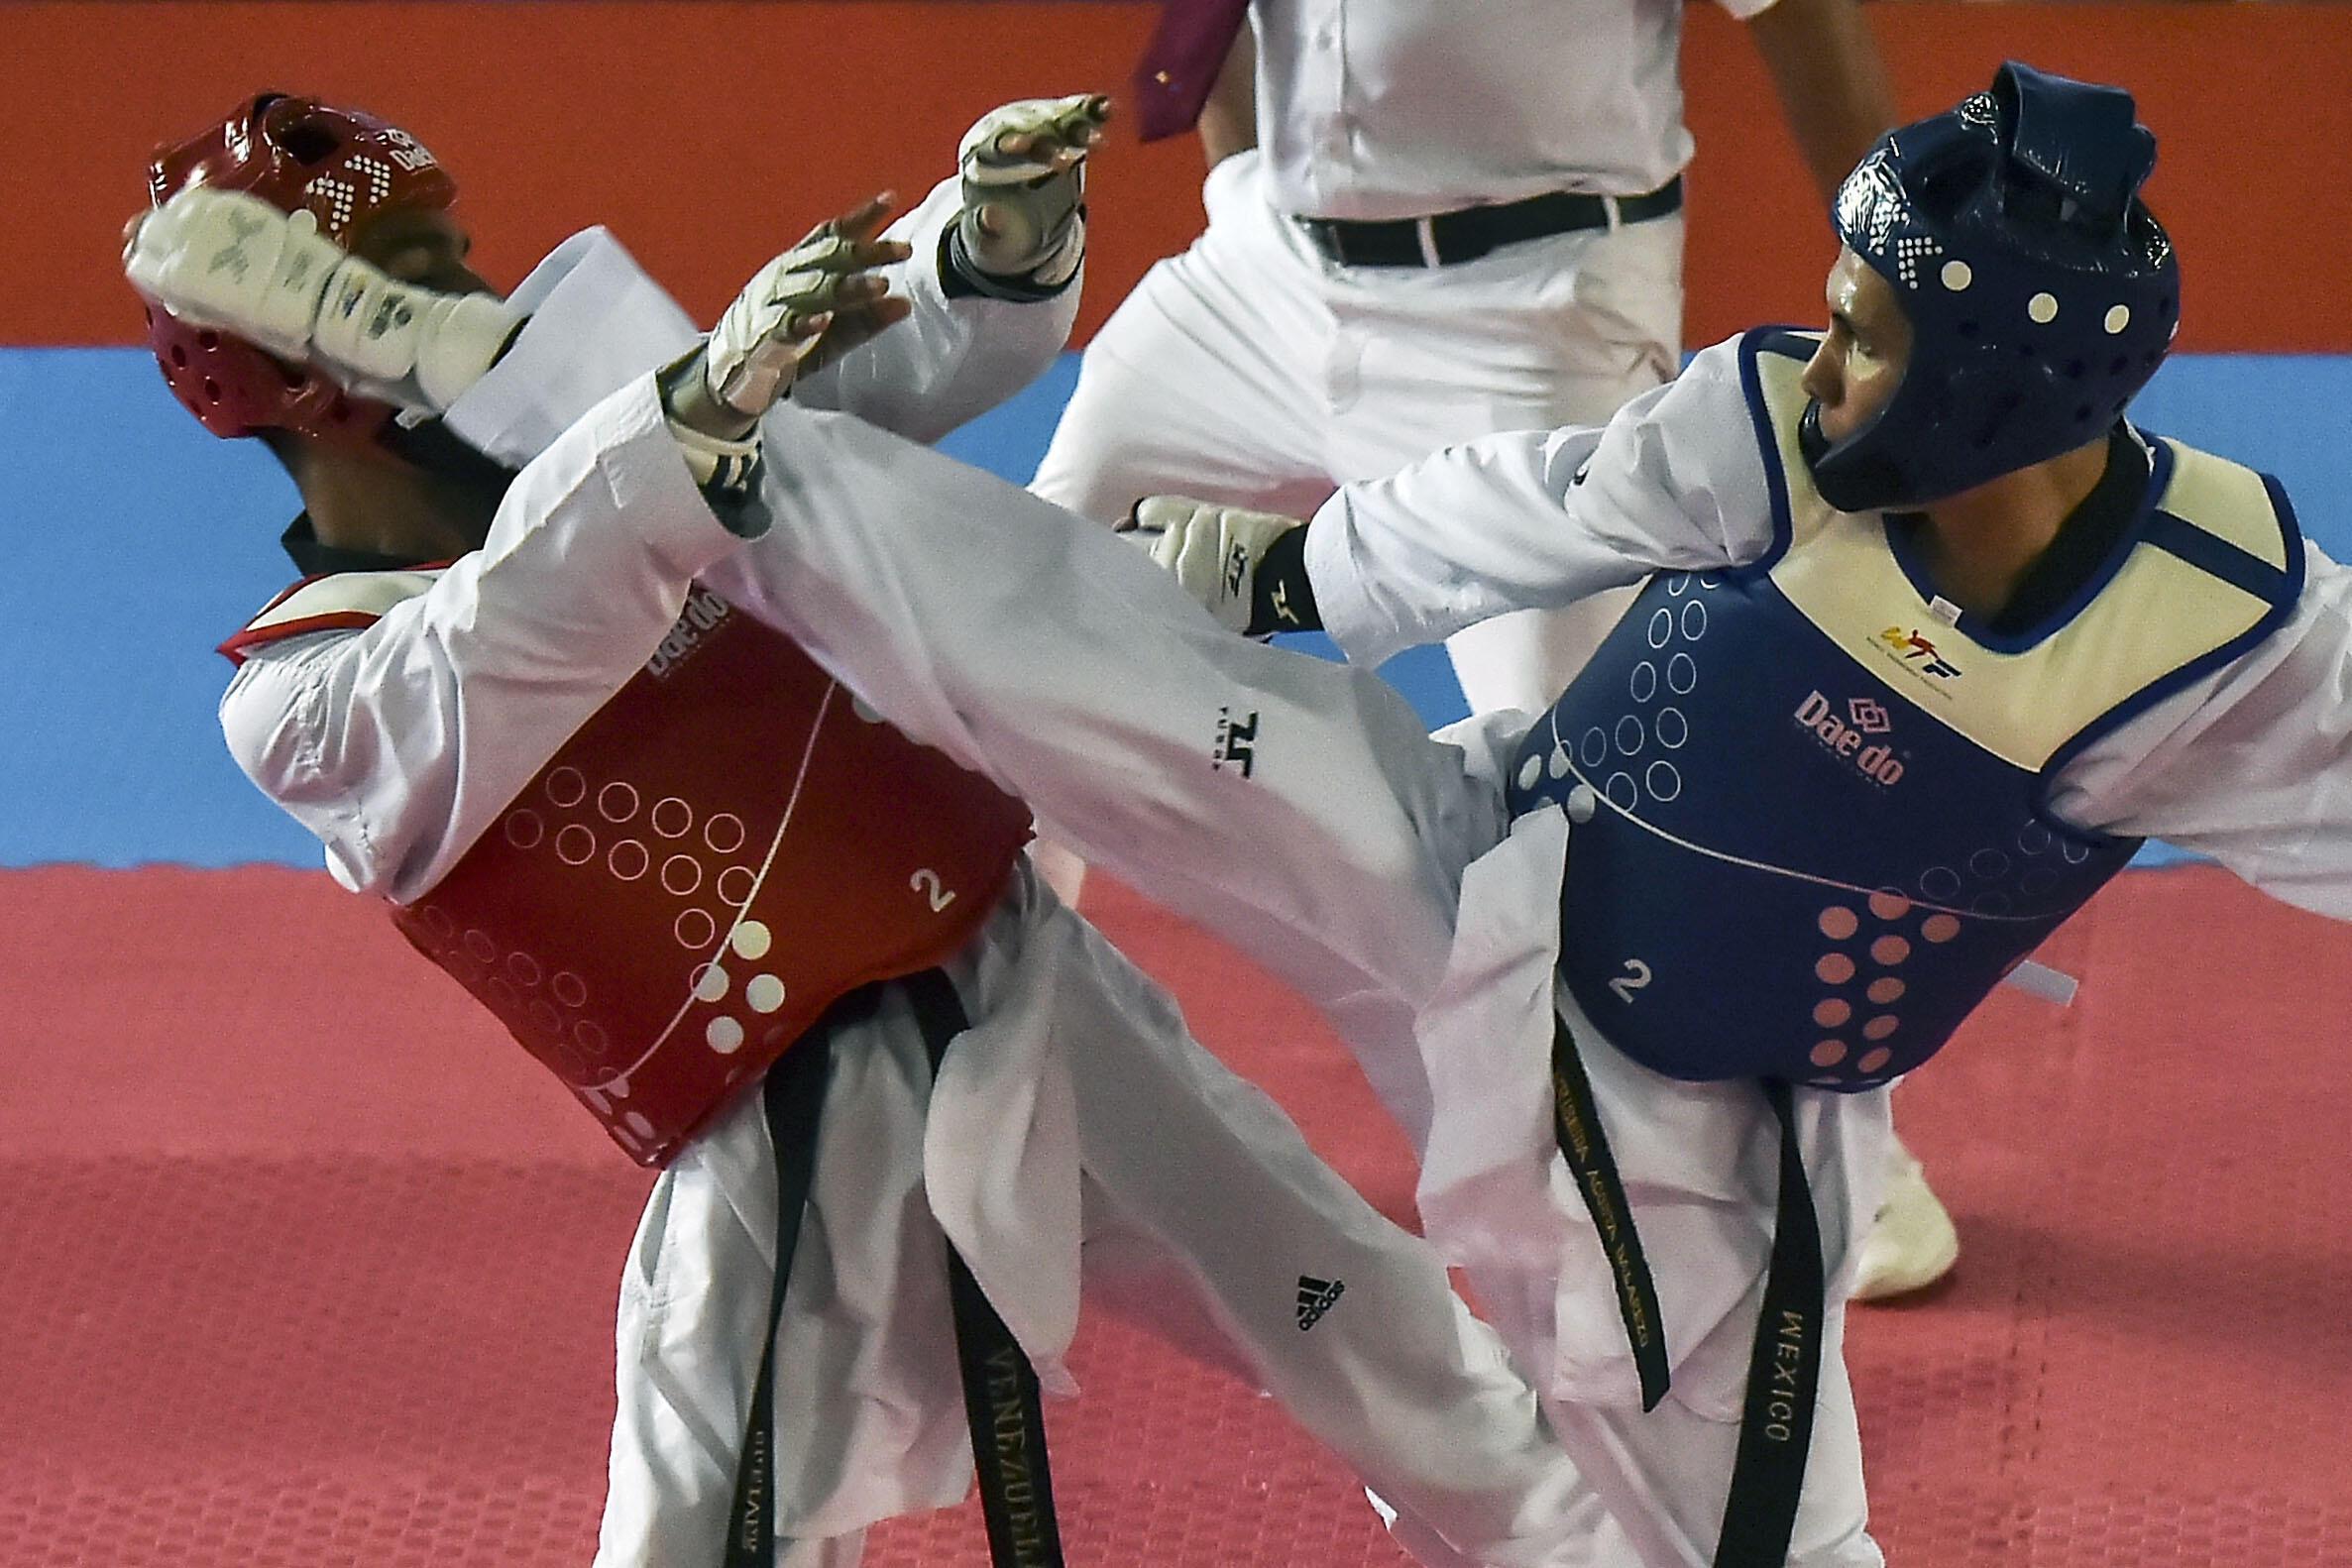 El atleta venezolano Cleiver Olaizola compite contra el mexicano César Rodríguez en taekwondo hasta los 54 kg.